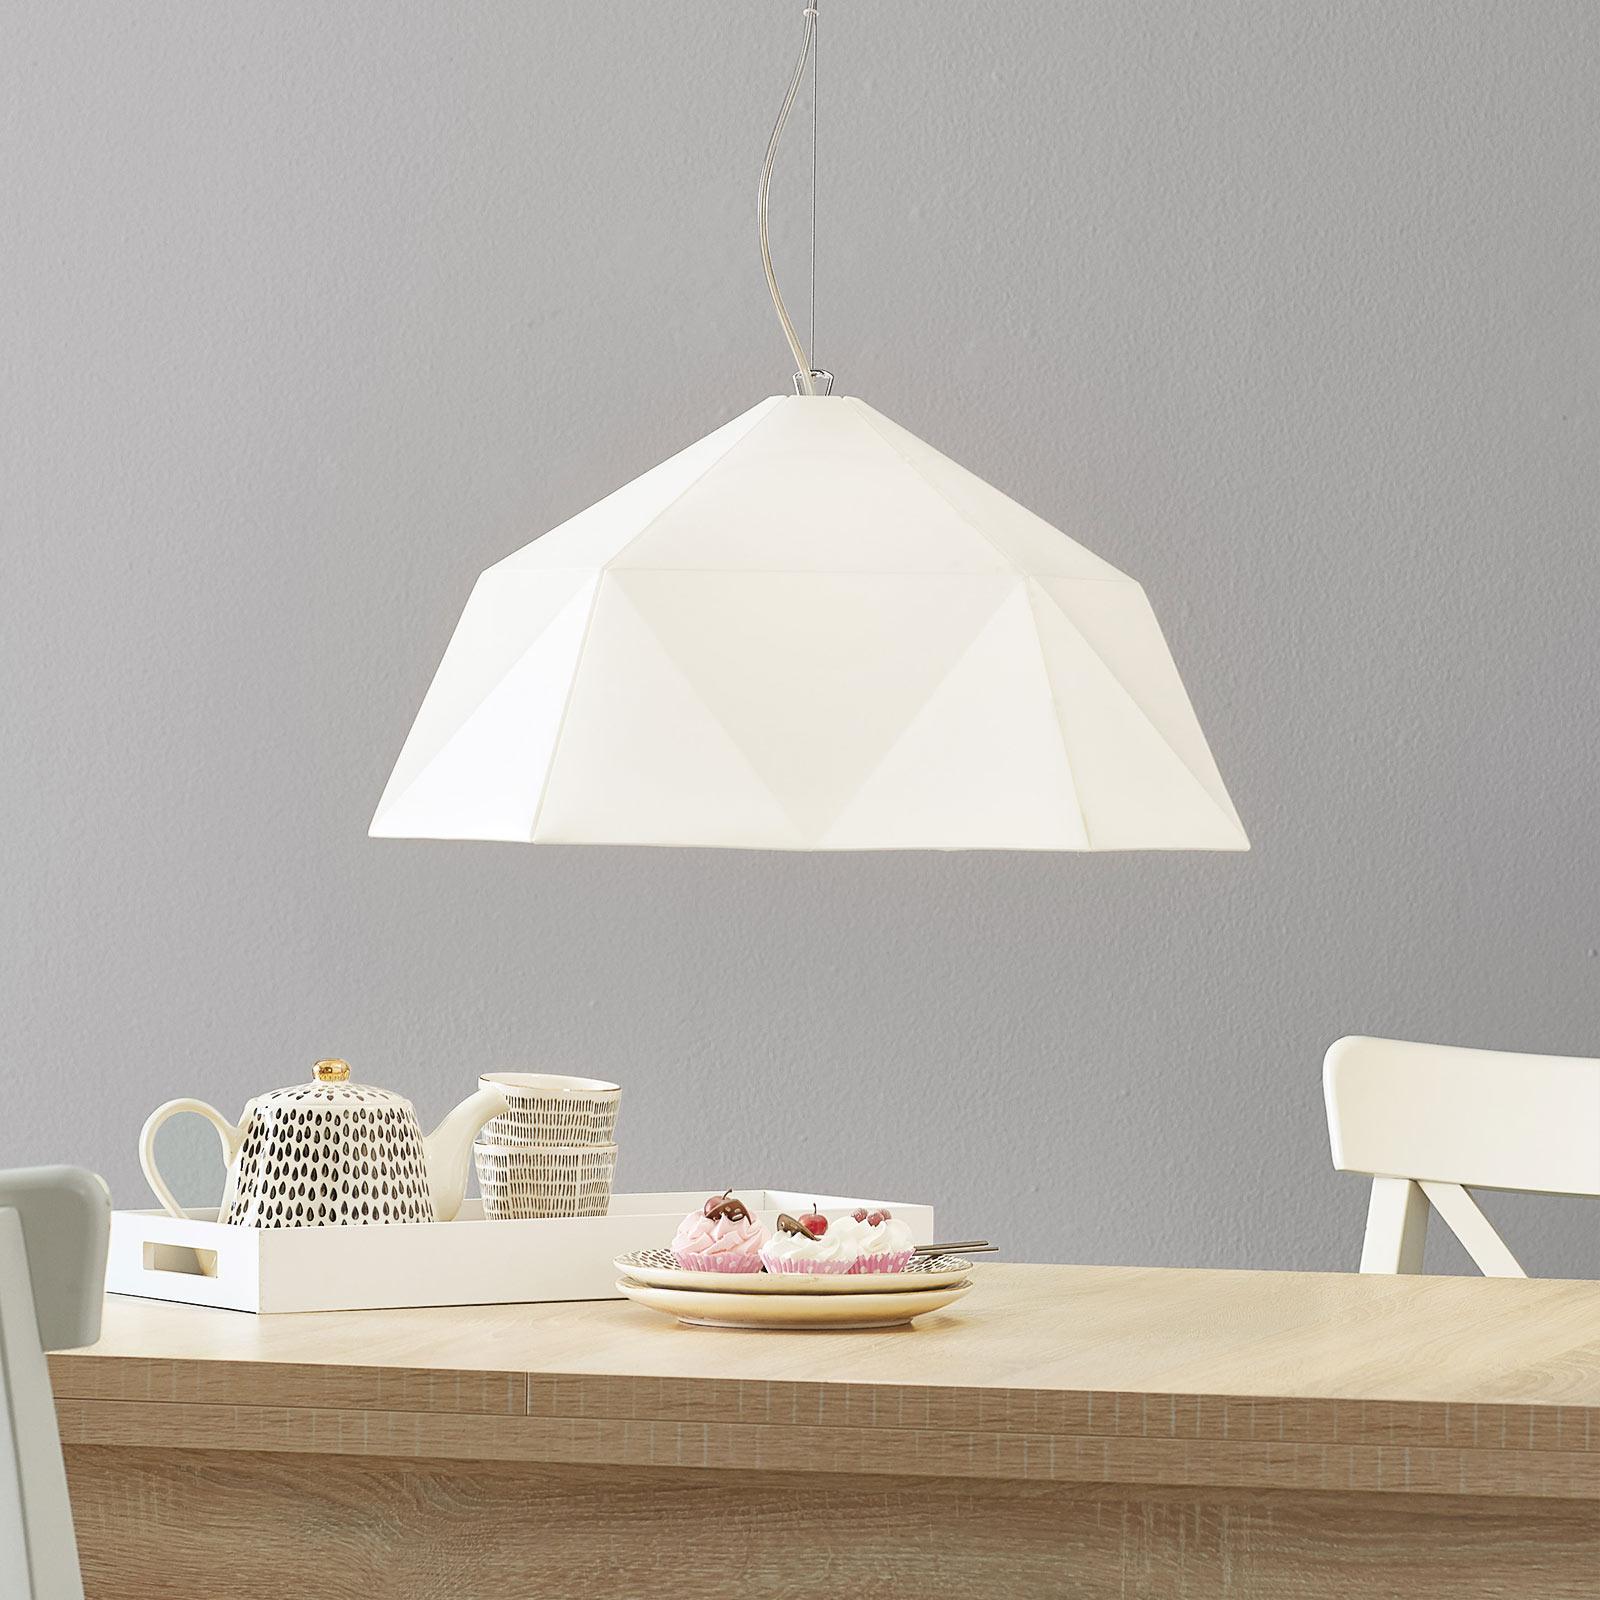 Lampa wisząca Circus, biała